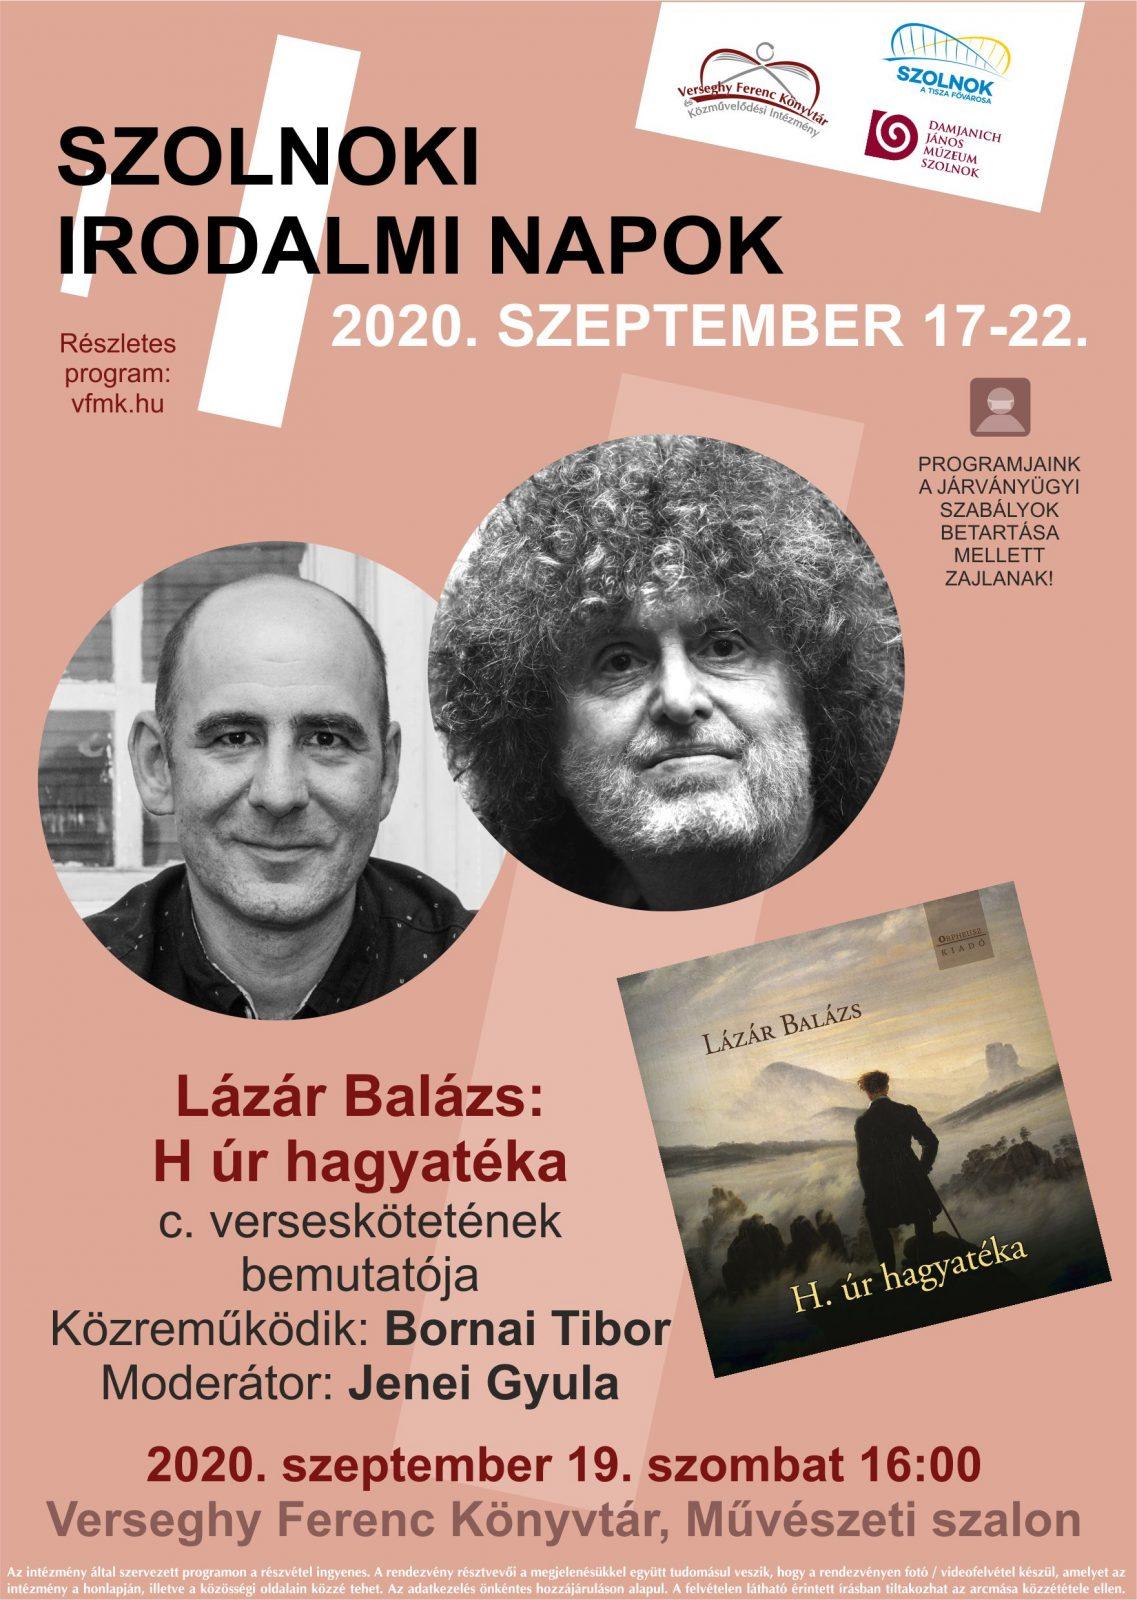 Lázár Balázs: H úr hagyatéka. Könyvbemutató. 2020.09.19. Plakát